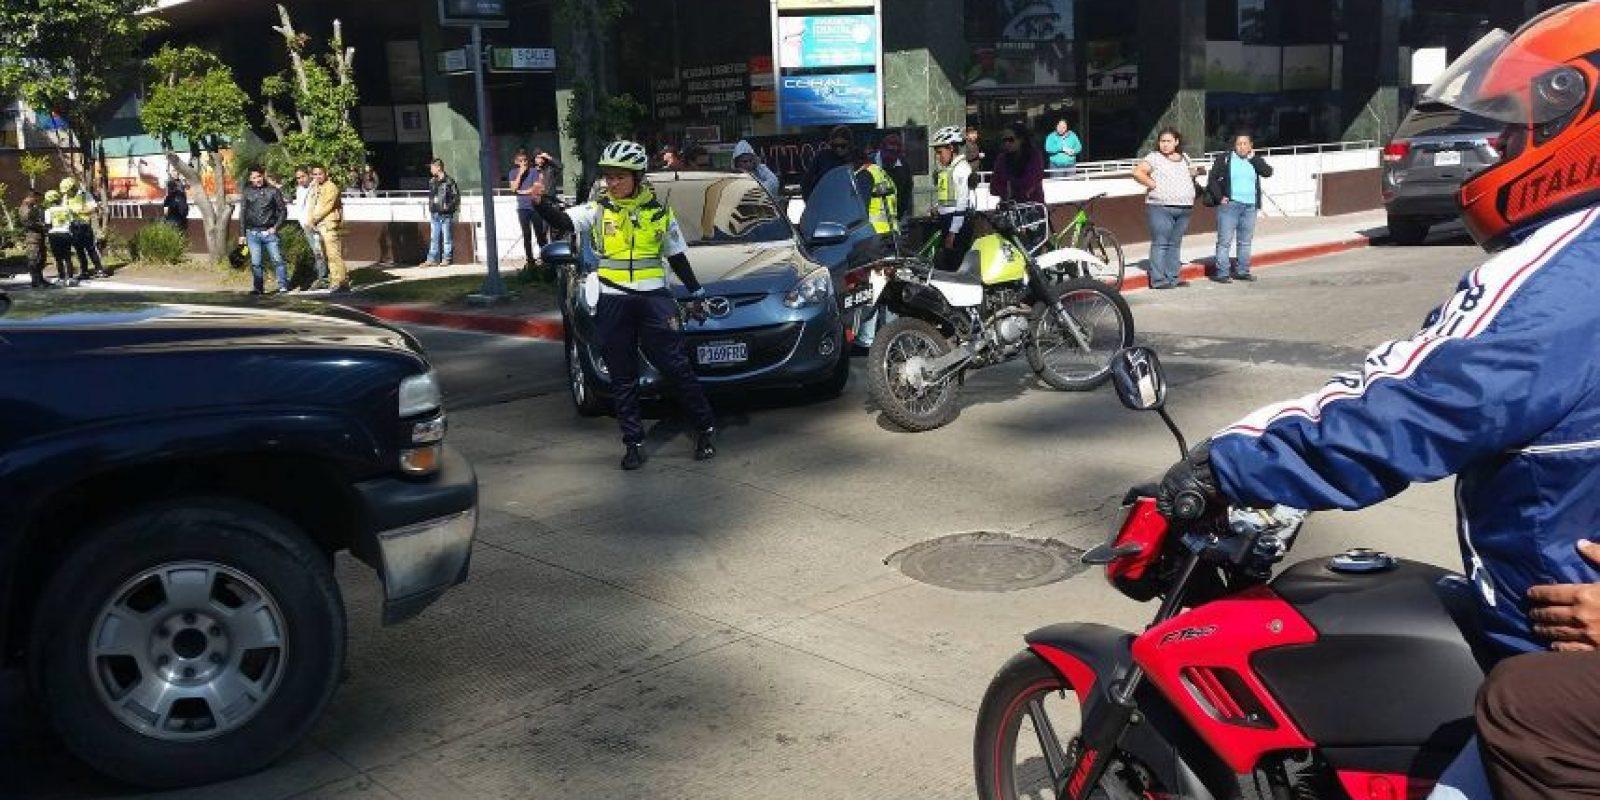 EMETRA dirige el tránsito tras la colisión en la Avenida Reforma. Foto:Publinews